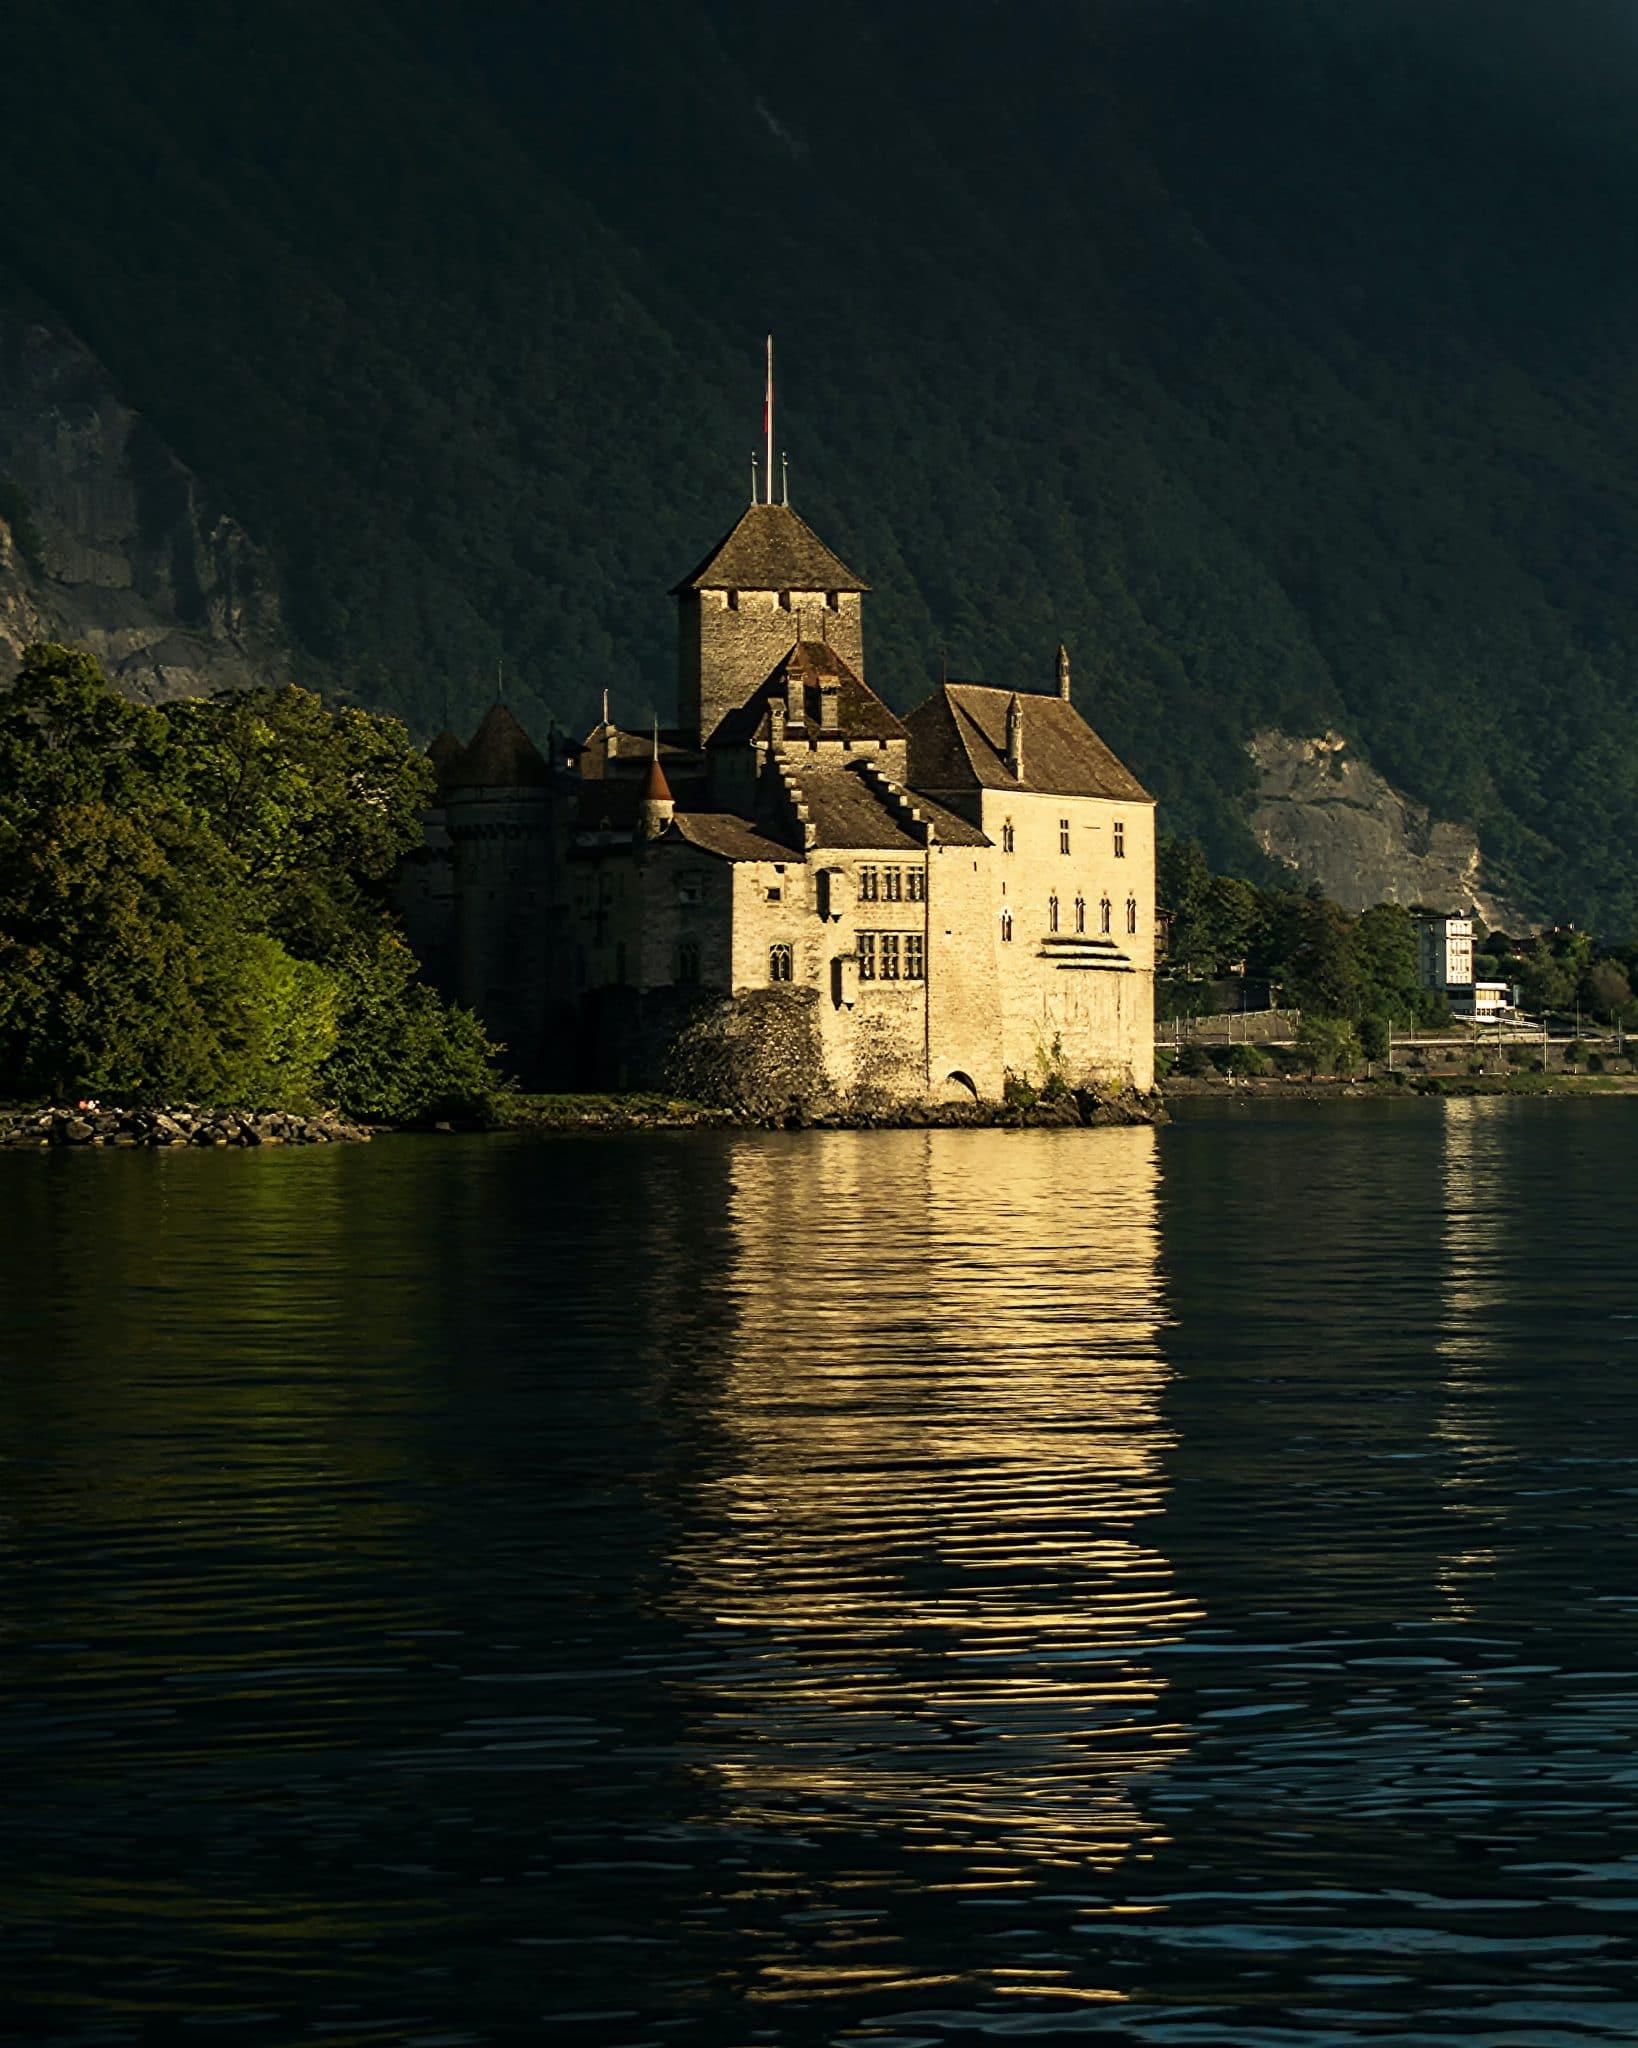 Chillon - Lac Leman - Balade - Visite - promenade - découverte - château - baignade - tourisme - découverte - vin